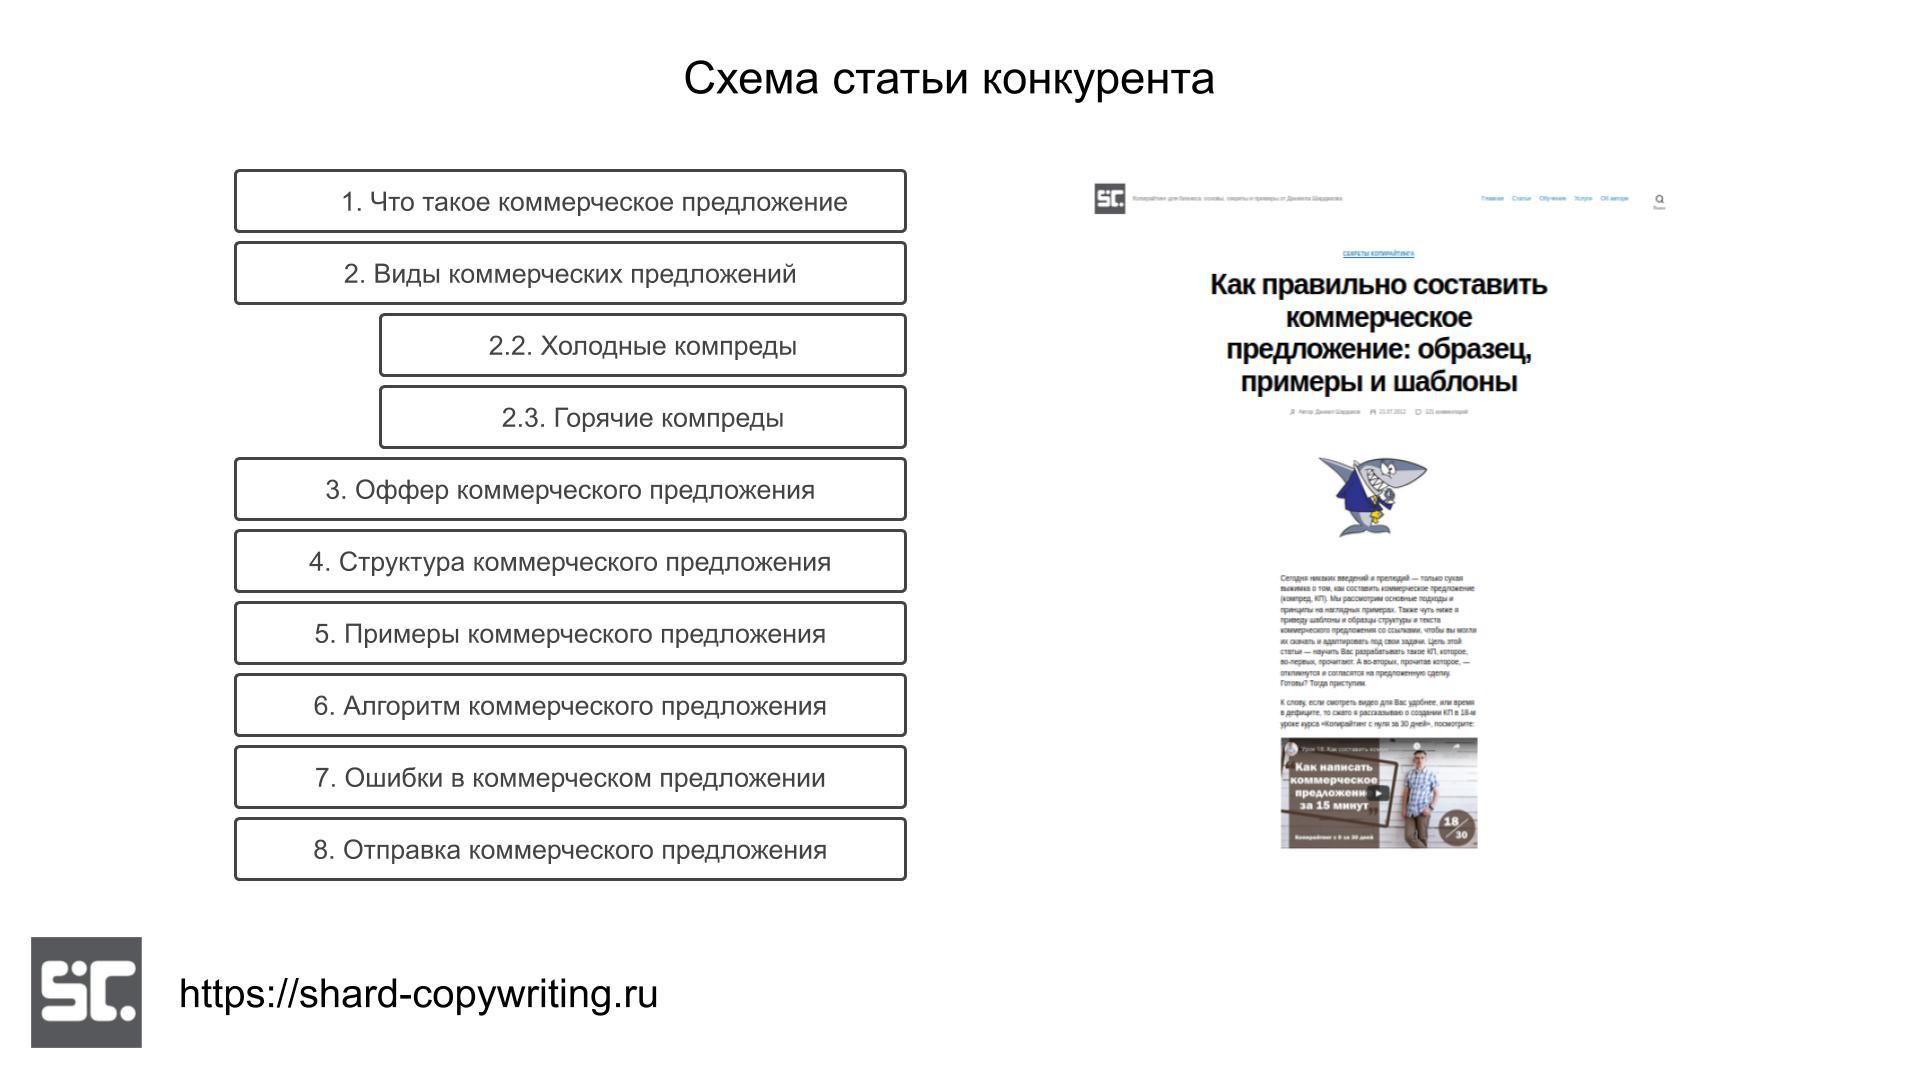 Анализ по блокам статьи конкурента.